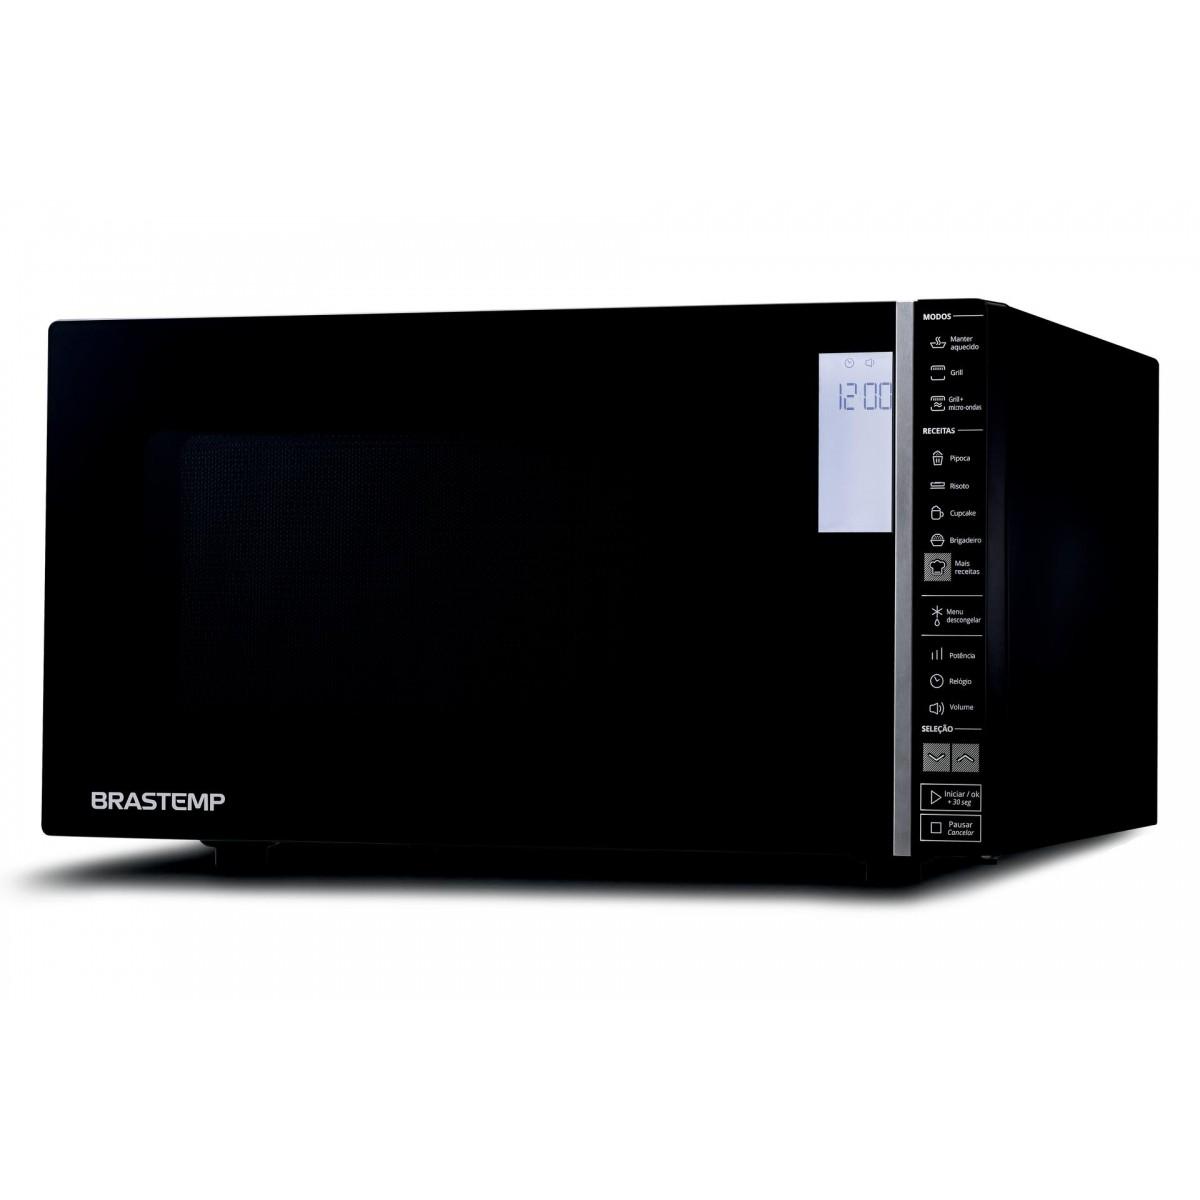 Micro-ondas Brastemp Preto Grill 32 Litros - BMG45AE